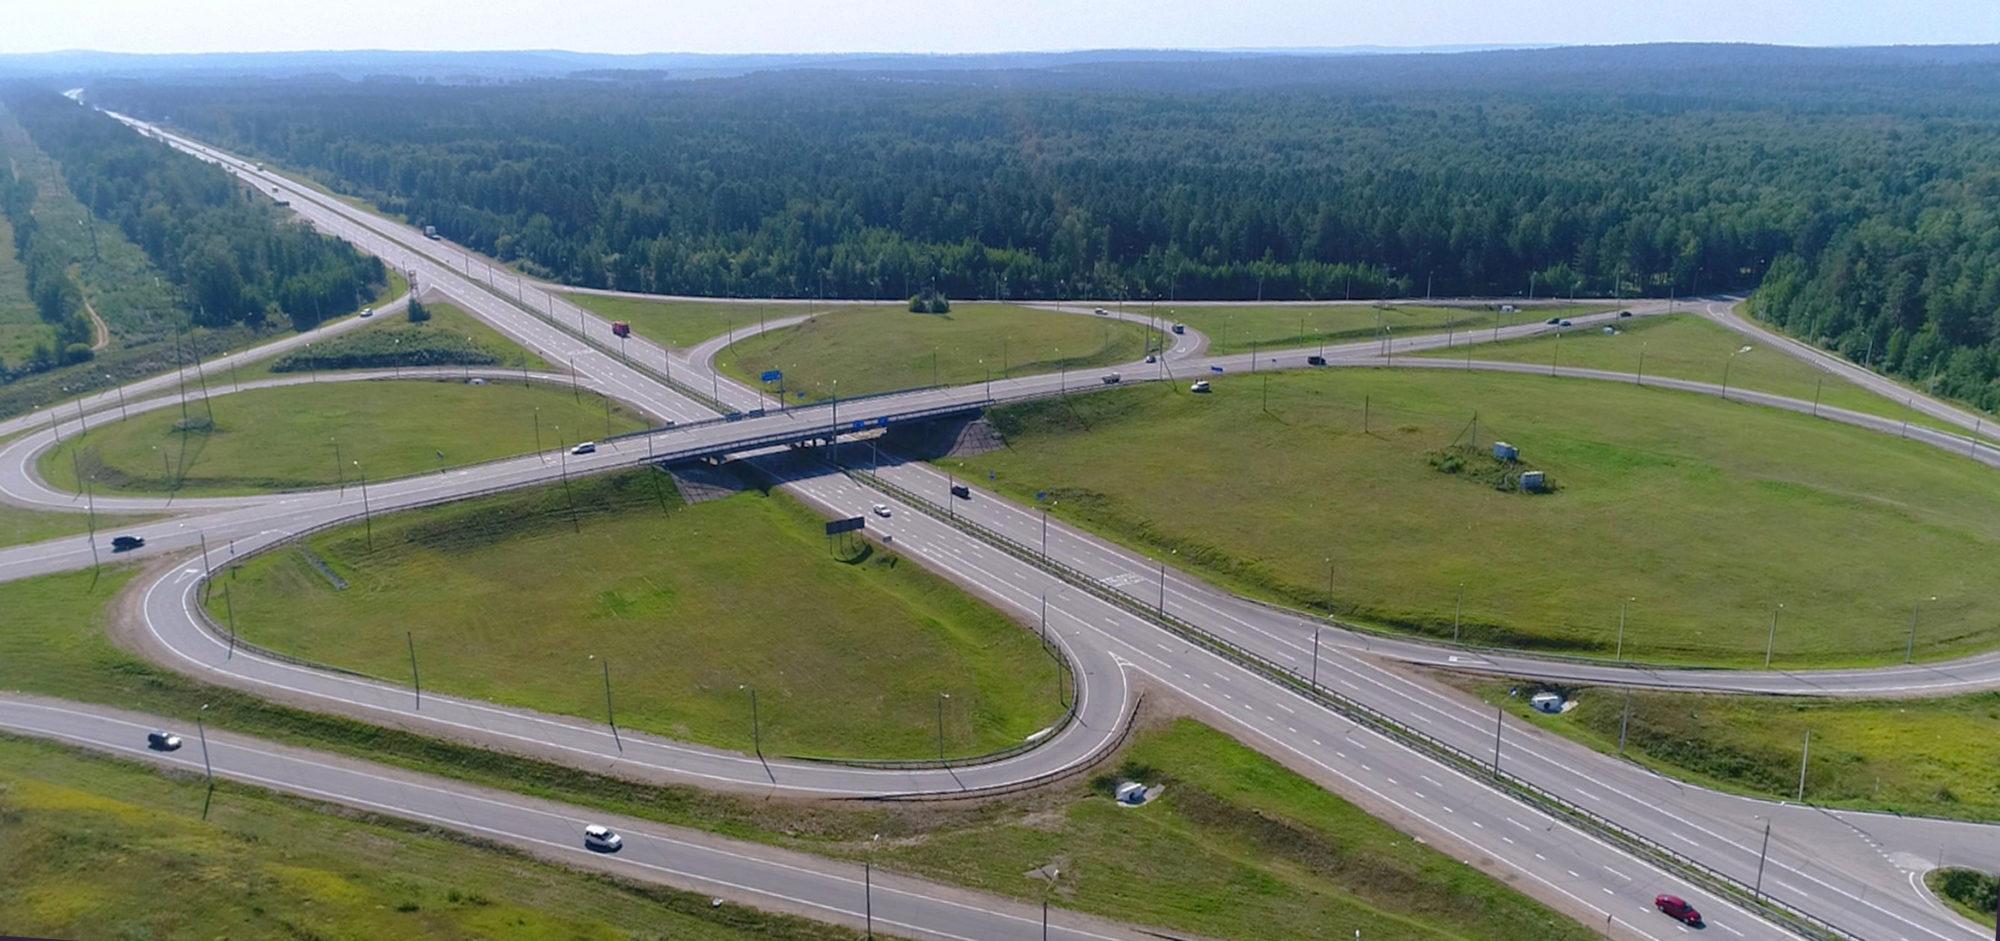 Дорожники восстановят слои износа на Савватеевской развязке трассы Р-255 в Ангарском районе